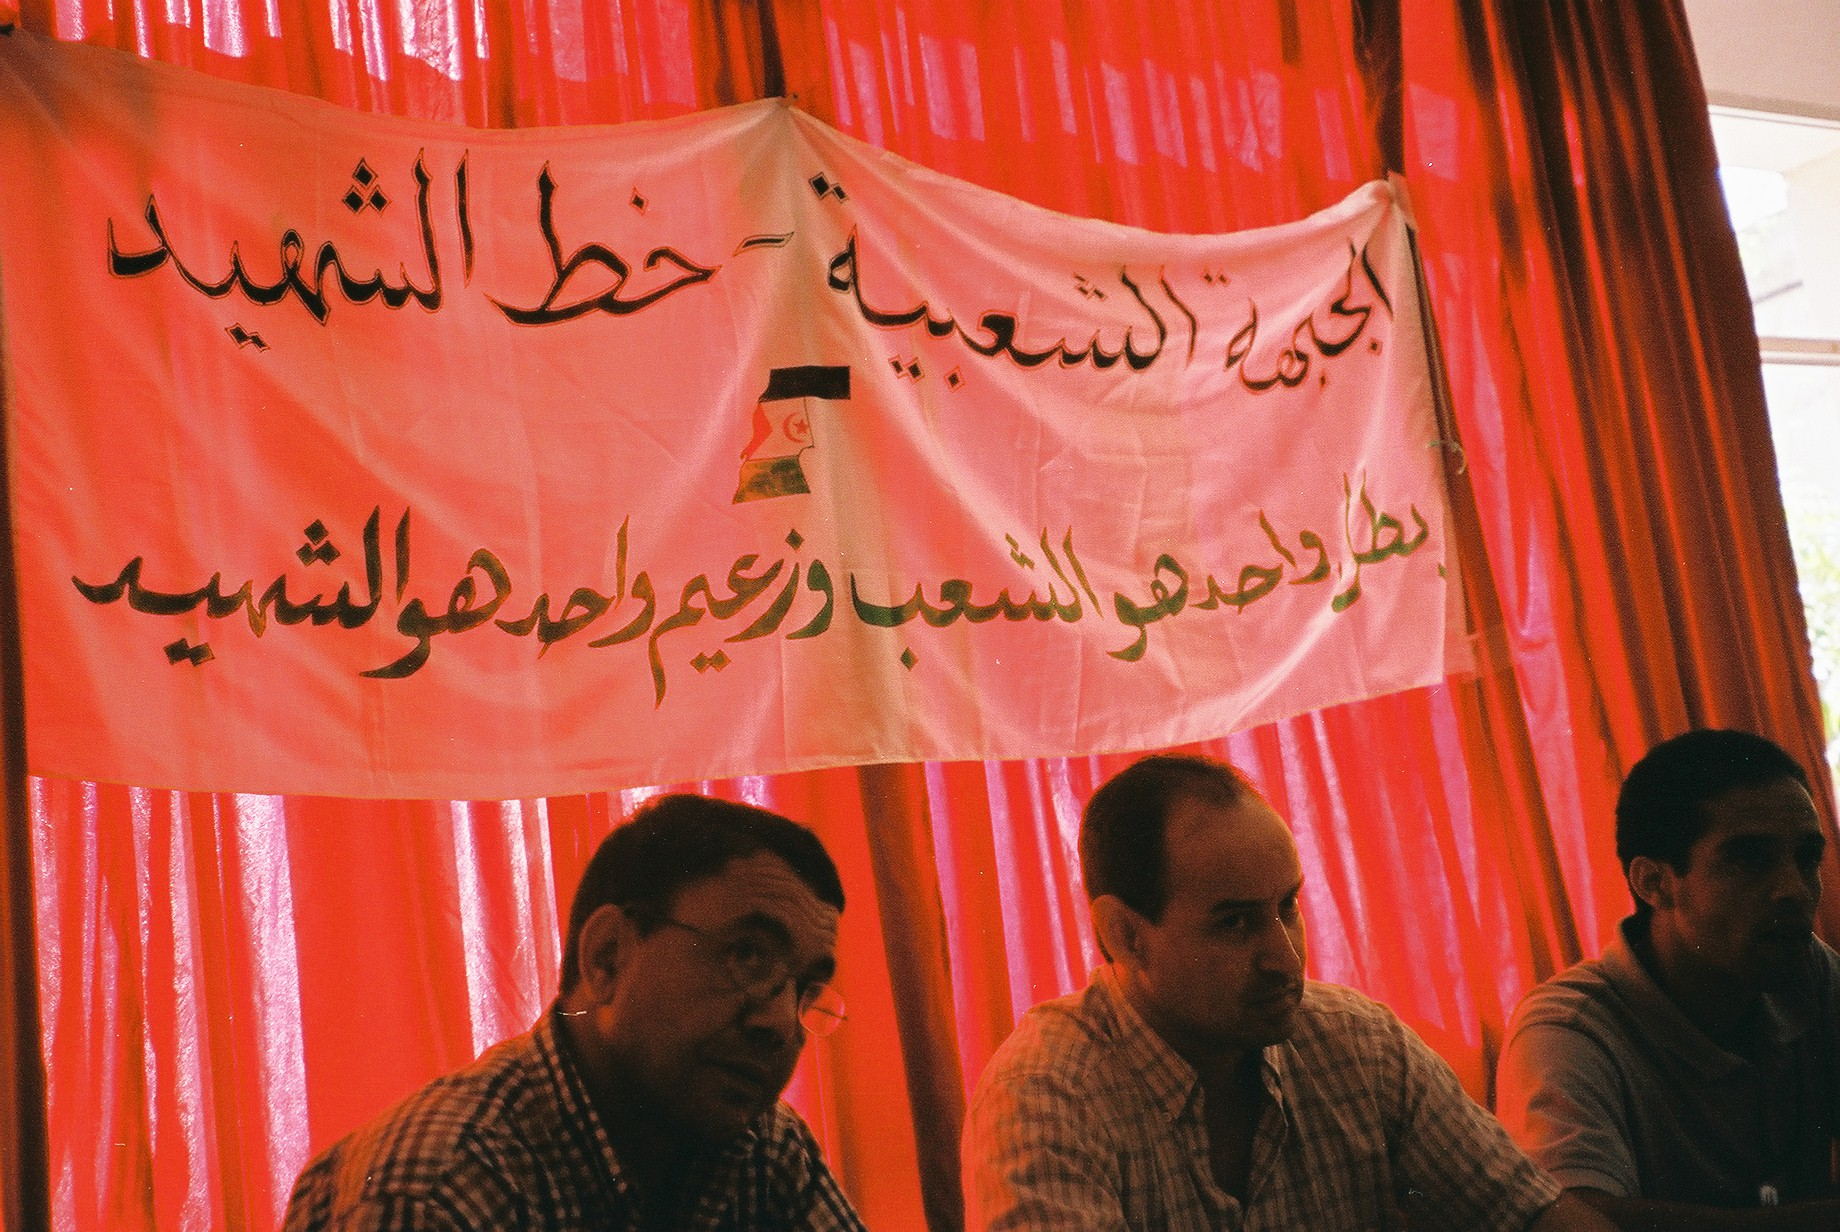 رحم الله المناضل والأديب احمد الشيعة.